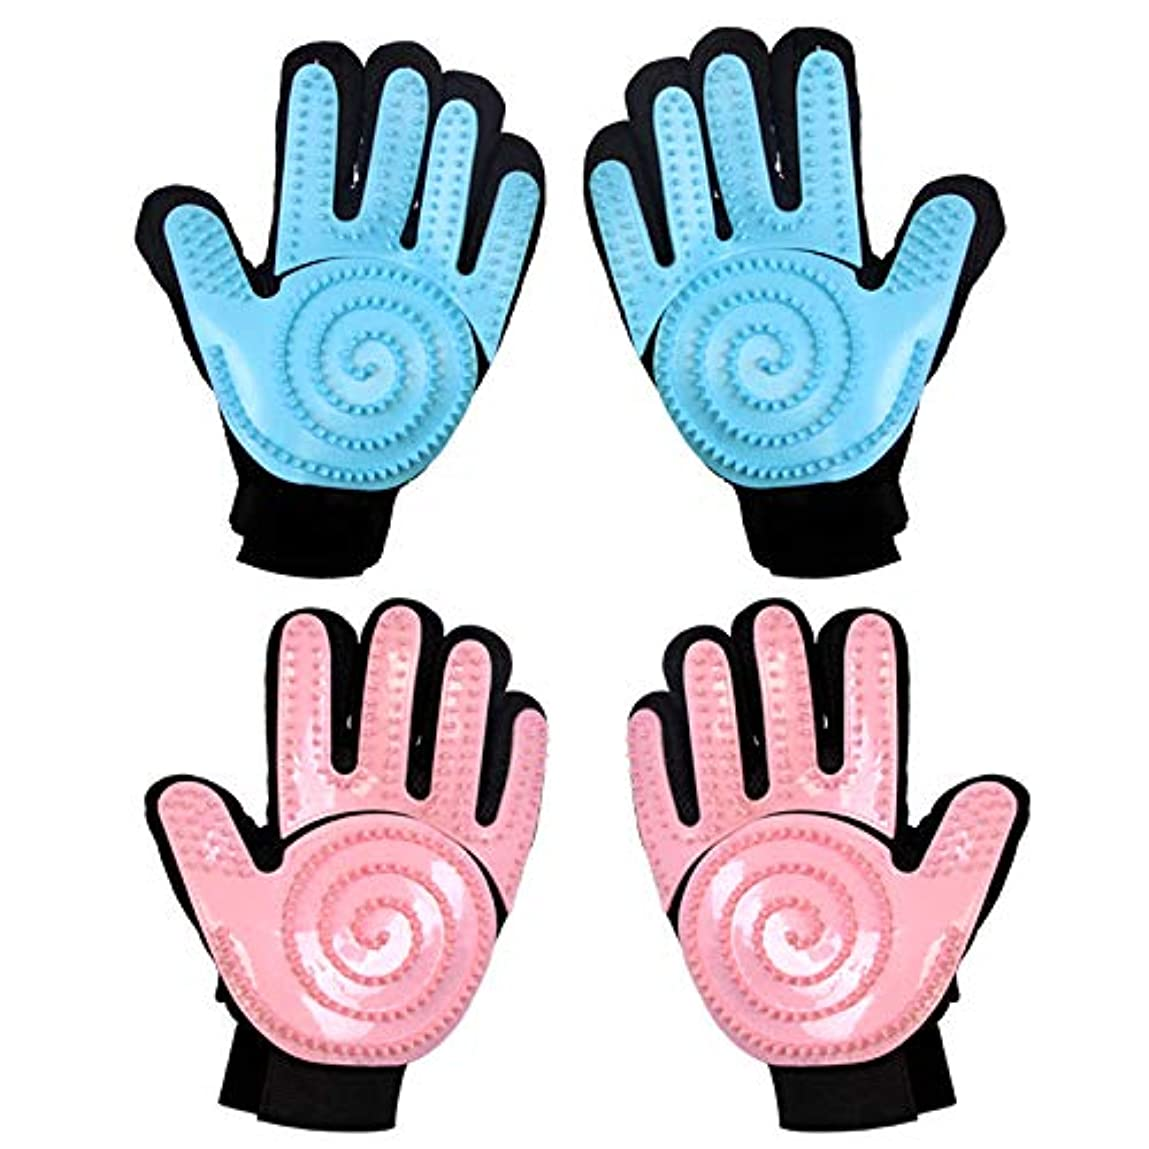 感情思いやりのあるタクシーBTXXYJP 手袋 ペット ブラシ グローブ 猫 ブラシ クリーナー 抜け毛取り マッサージブラシ 犬 グローブ ペット毛取りブラシ お手入れ (Color : Pink, Style : Right hand)